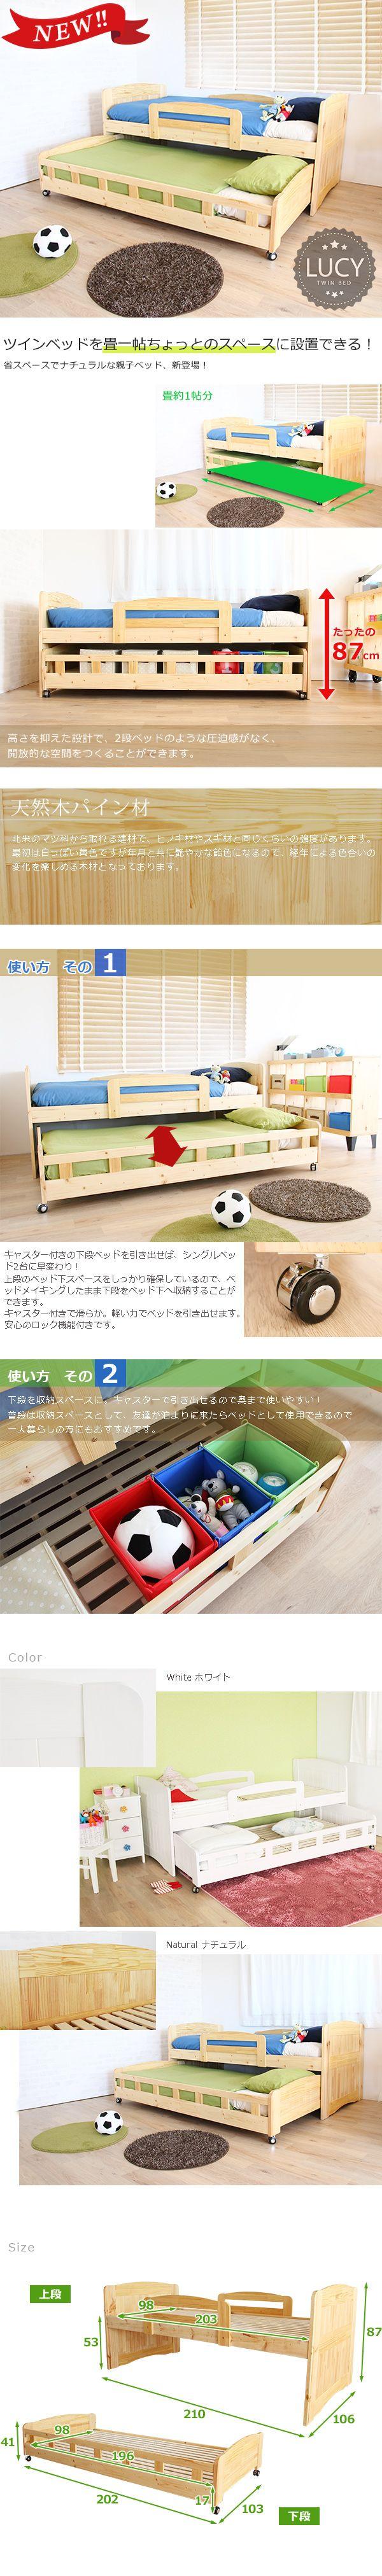 送料無料天然木パイン無垢の親子ベッド ツインベッド/シングルベッド/2段ベッド/カントリー/ナチュラル/すのこベッド/キャスター/ベッド下収納/収納ベッド